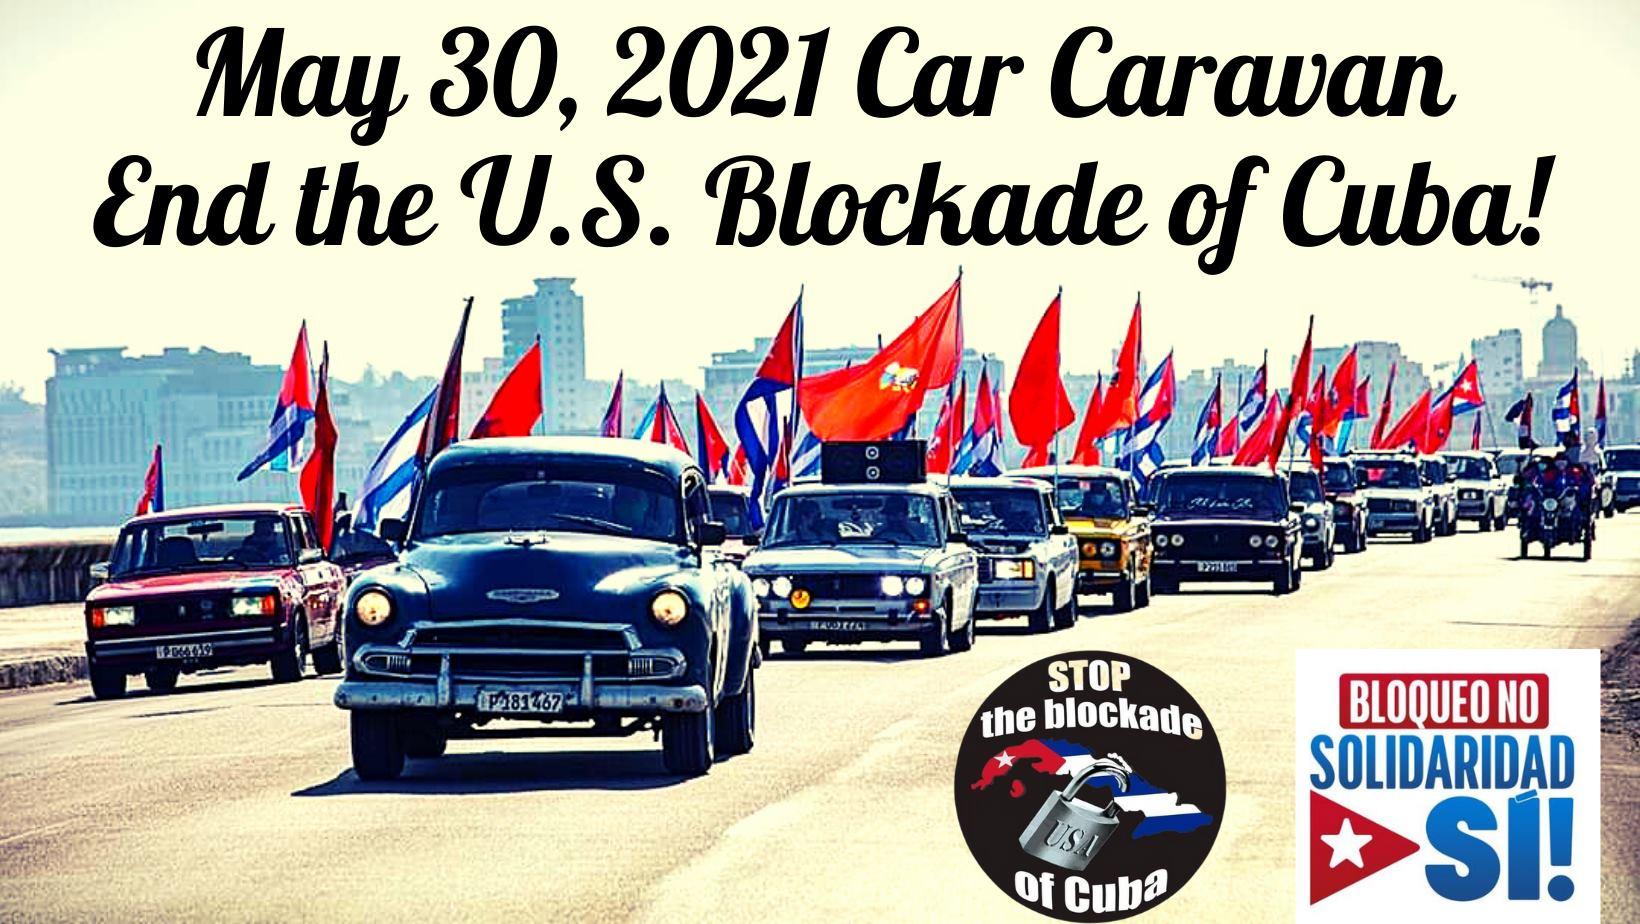 blockade of cuba caravan